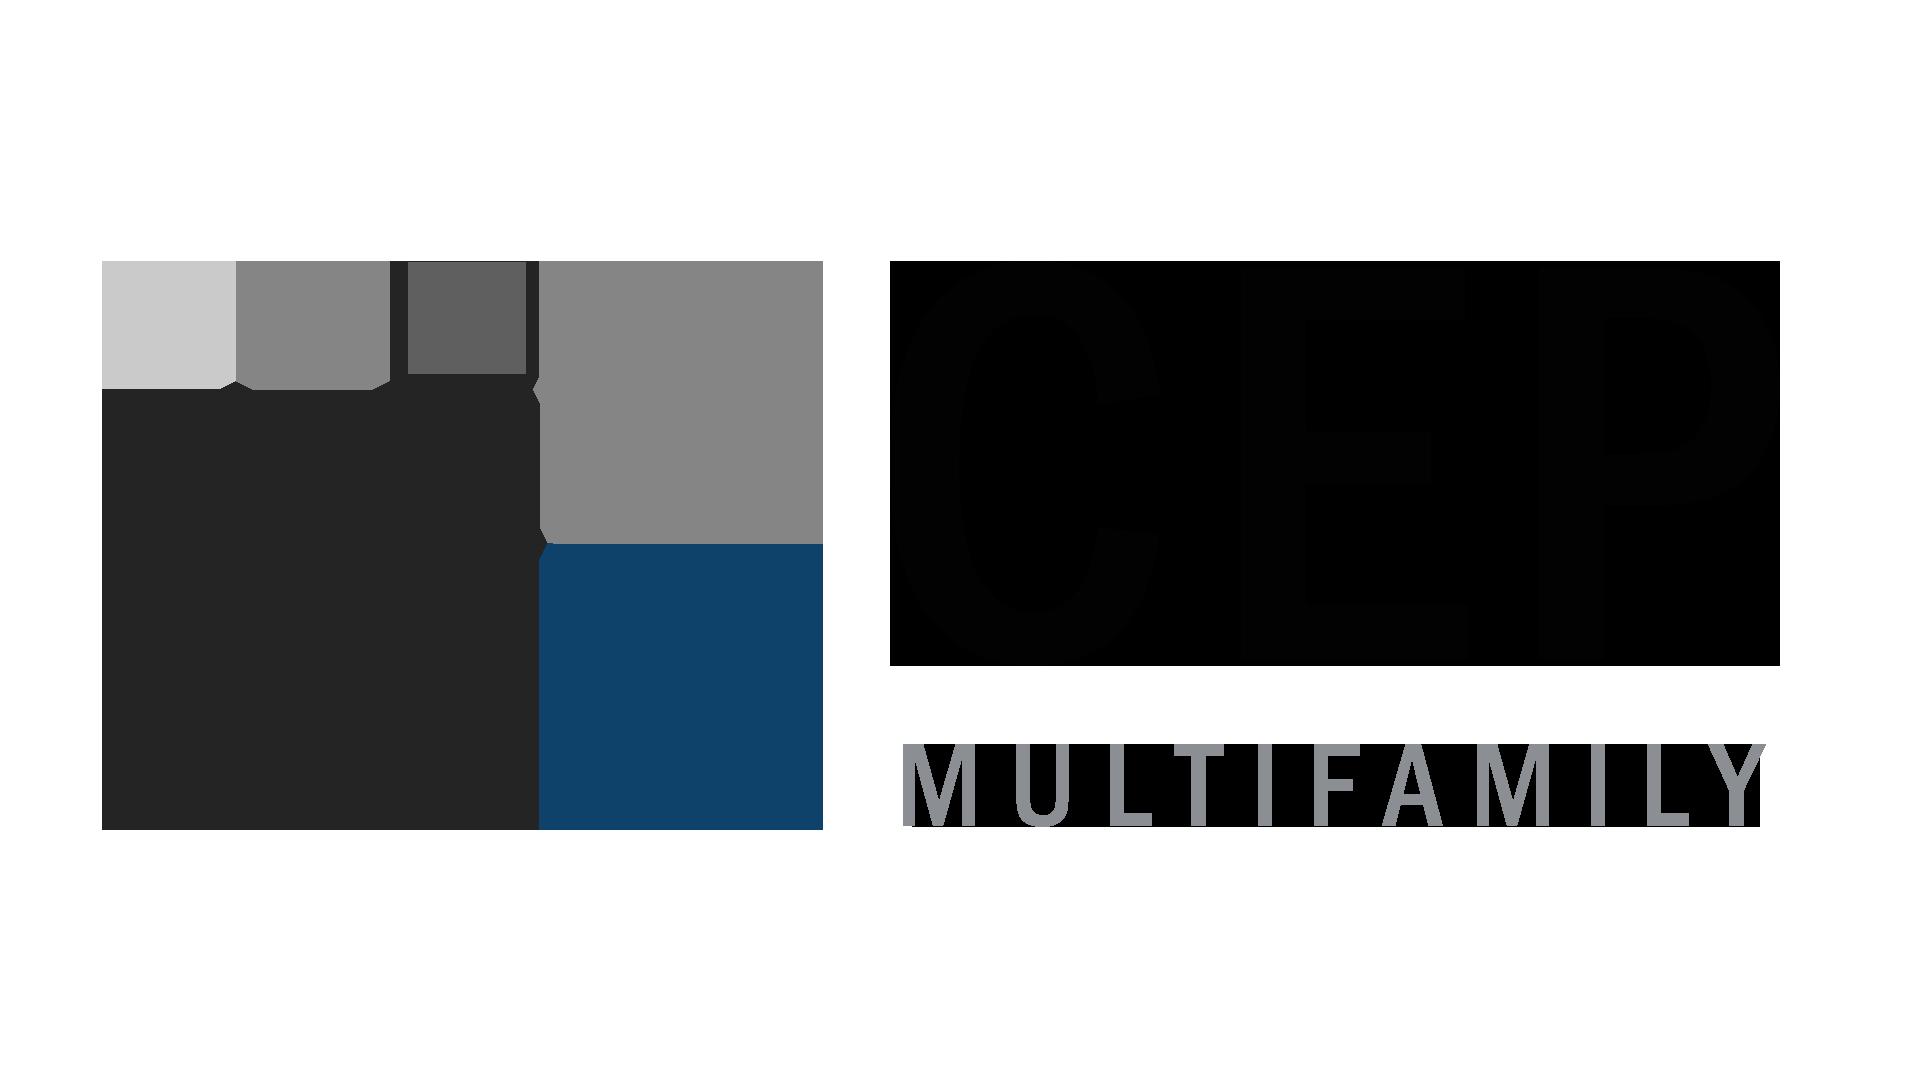 cep_multifamily_transparent